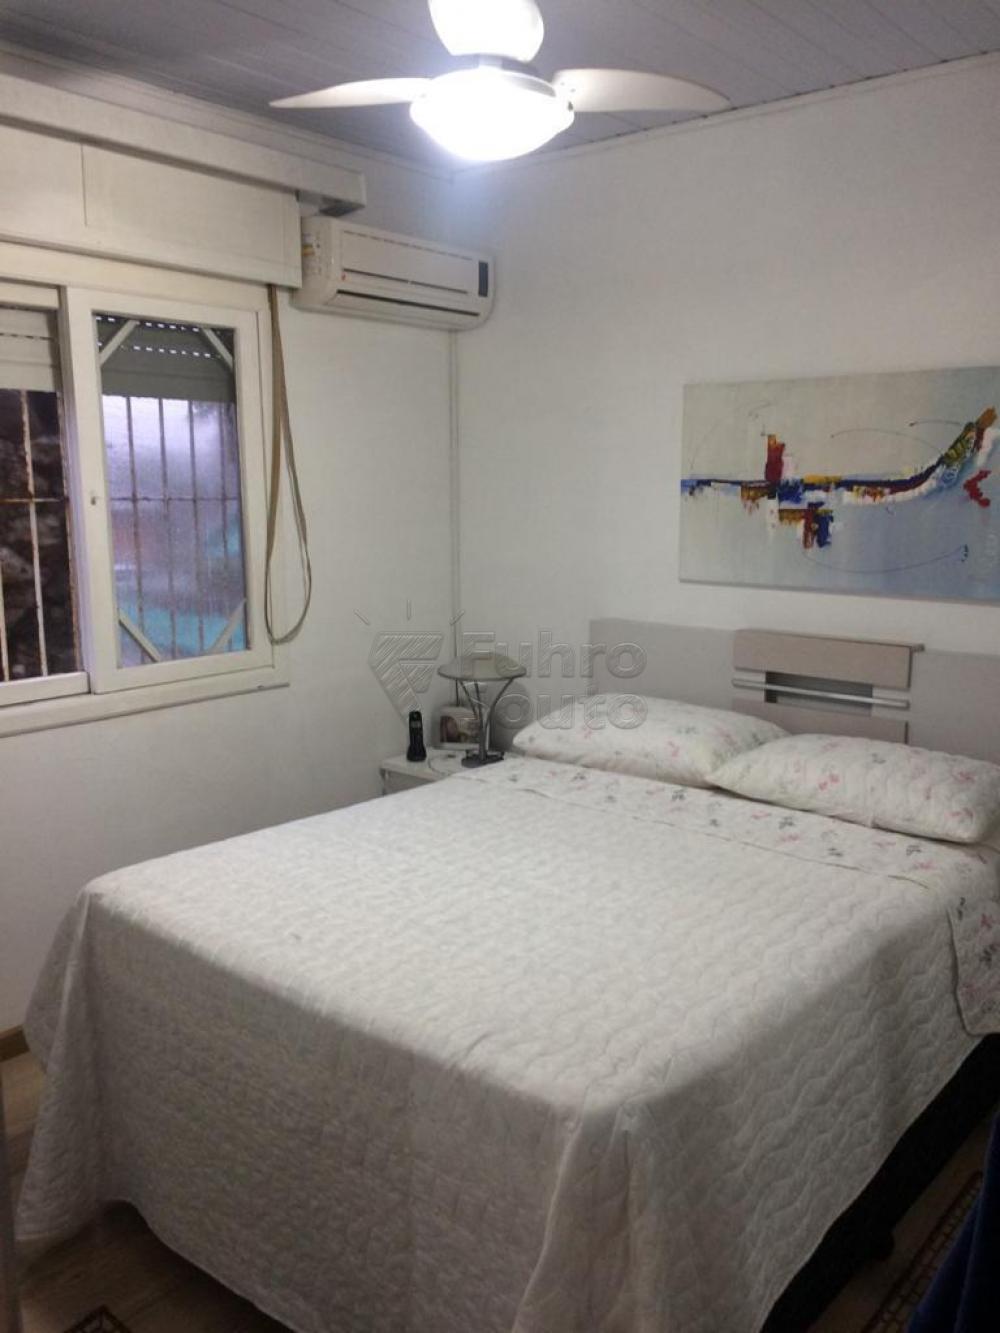 Comprar Casa / Padrão em Pelotas R$ 380.000,00 - Foto 3